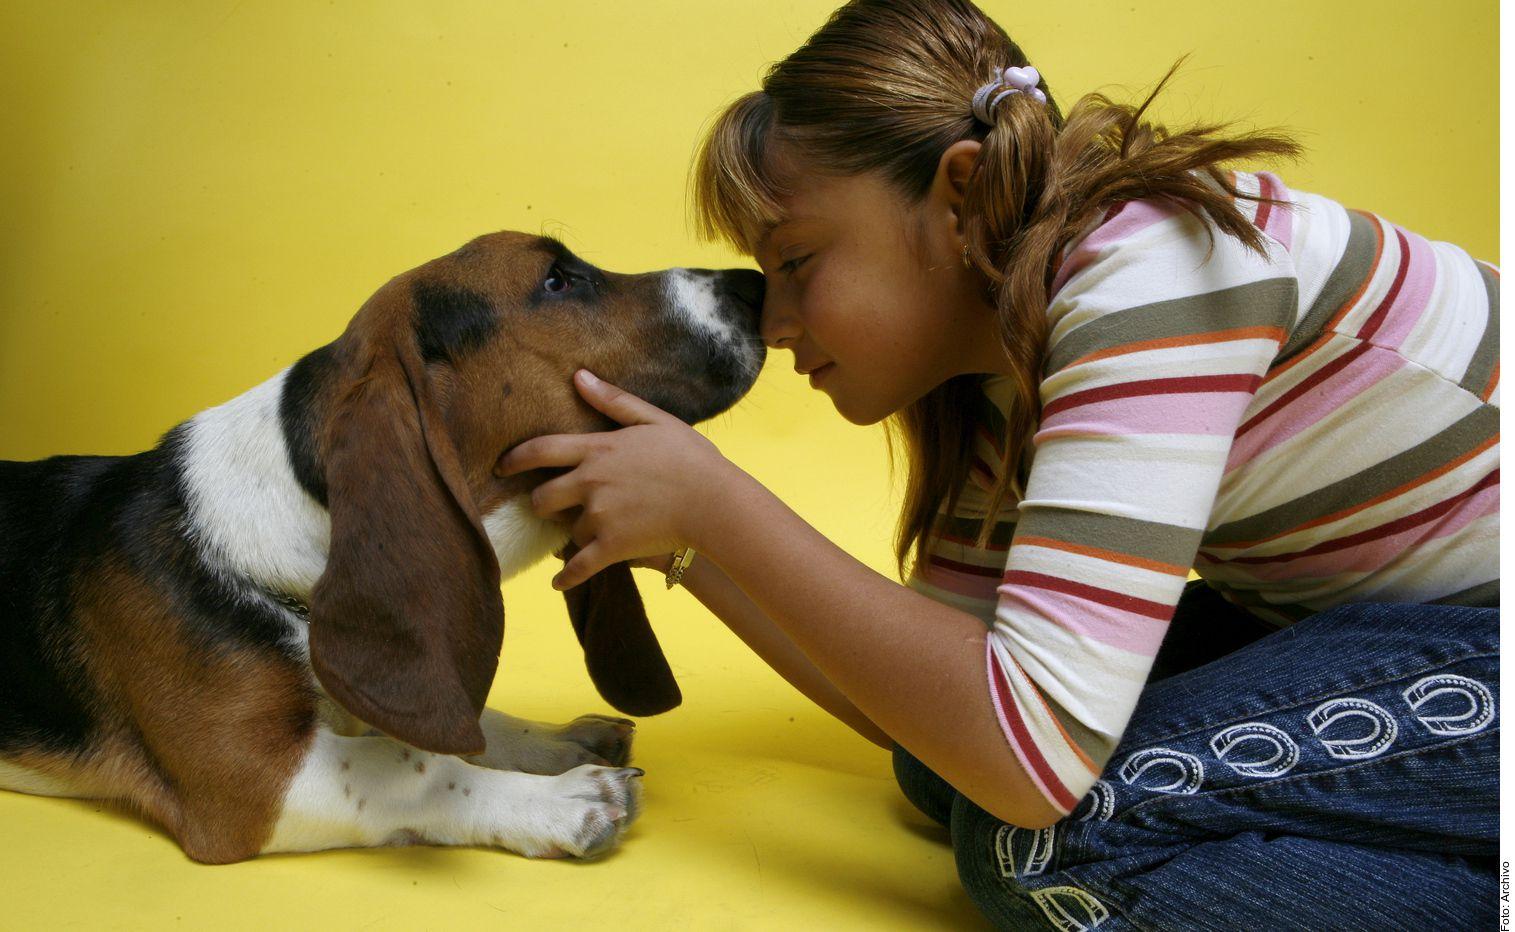 """Tener un perro y abrazarlo """"es una forma segura de reducir el estrés"""", asegura un estudio de la Universidad de Columbia Británica-Okanagan.."""